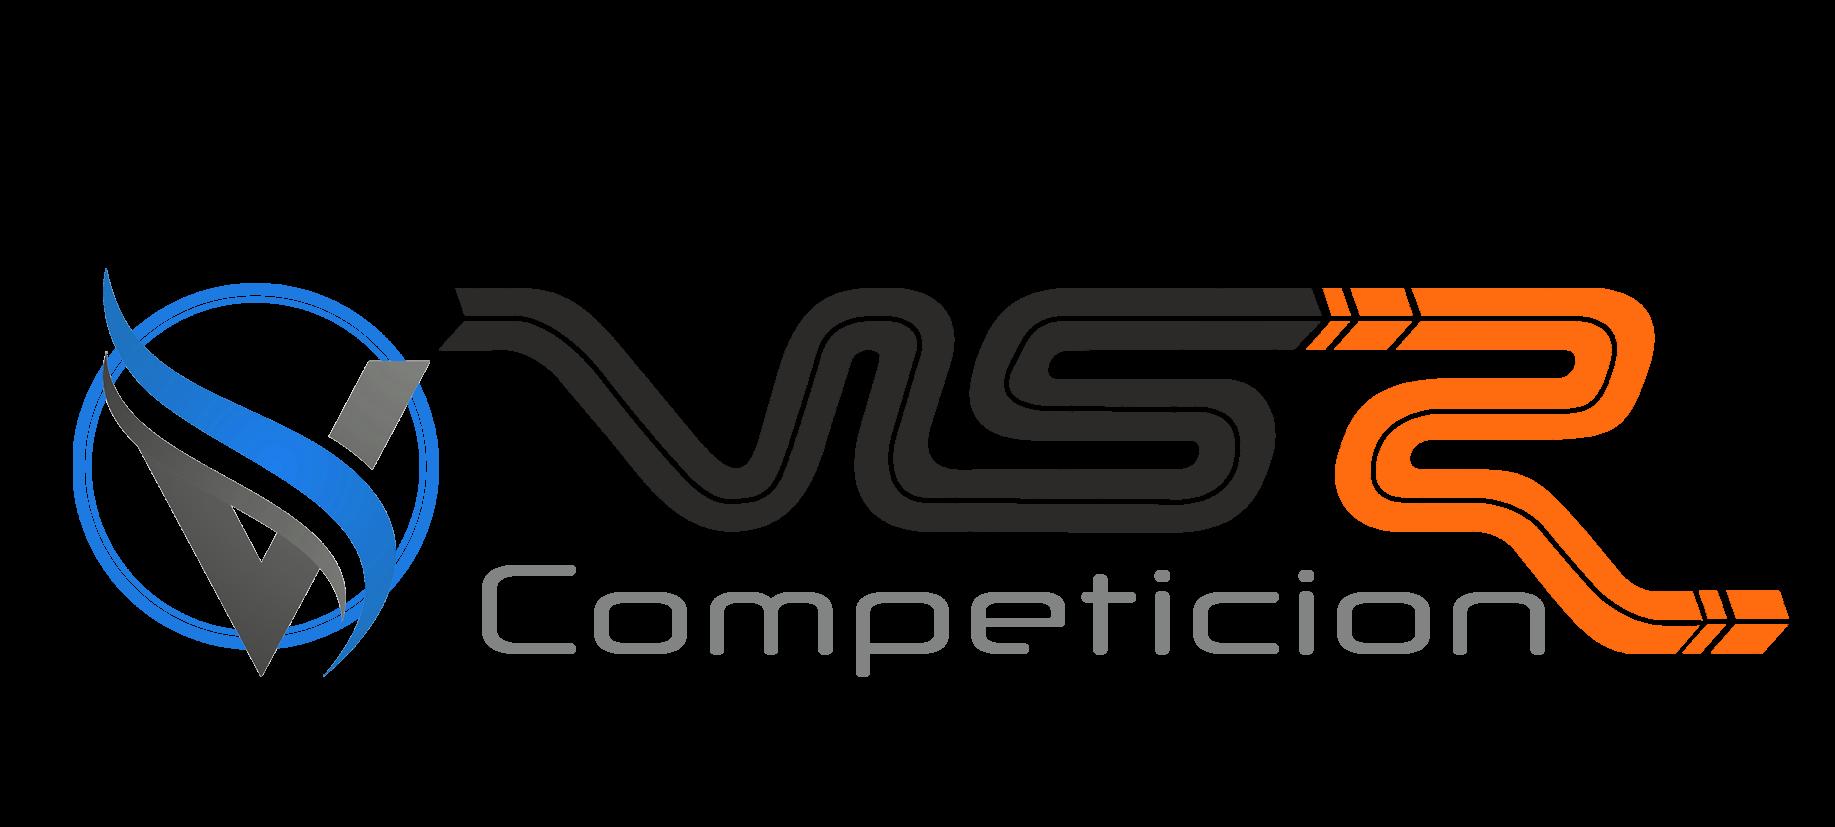 VSR COMPETICION